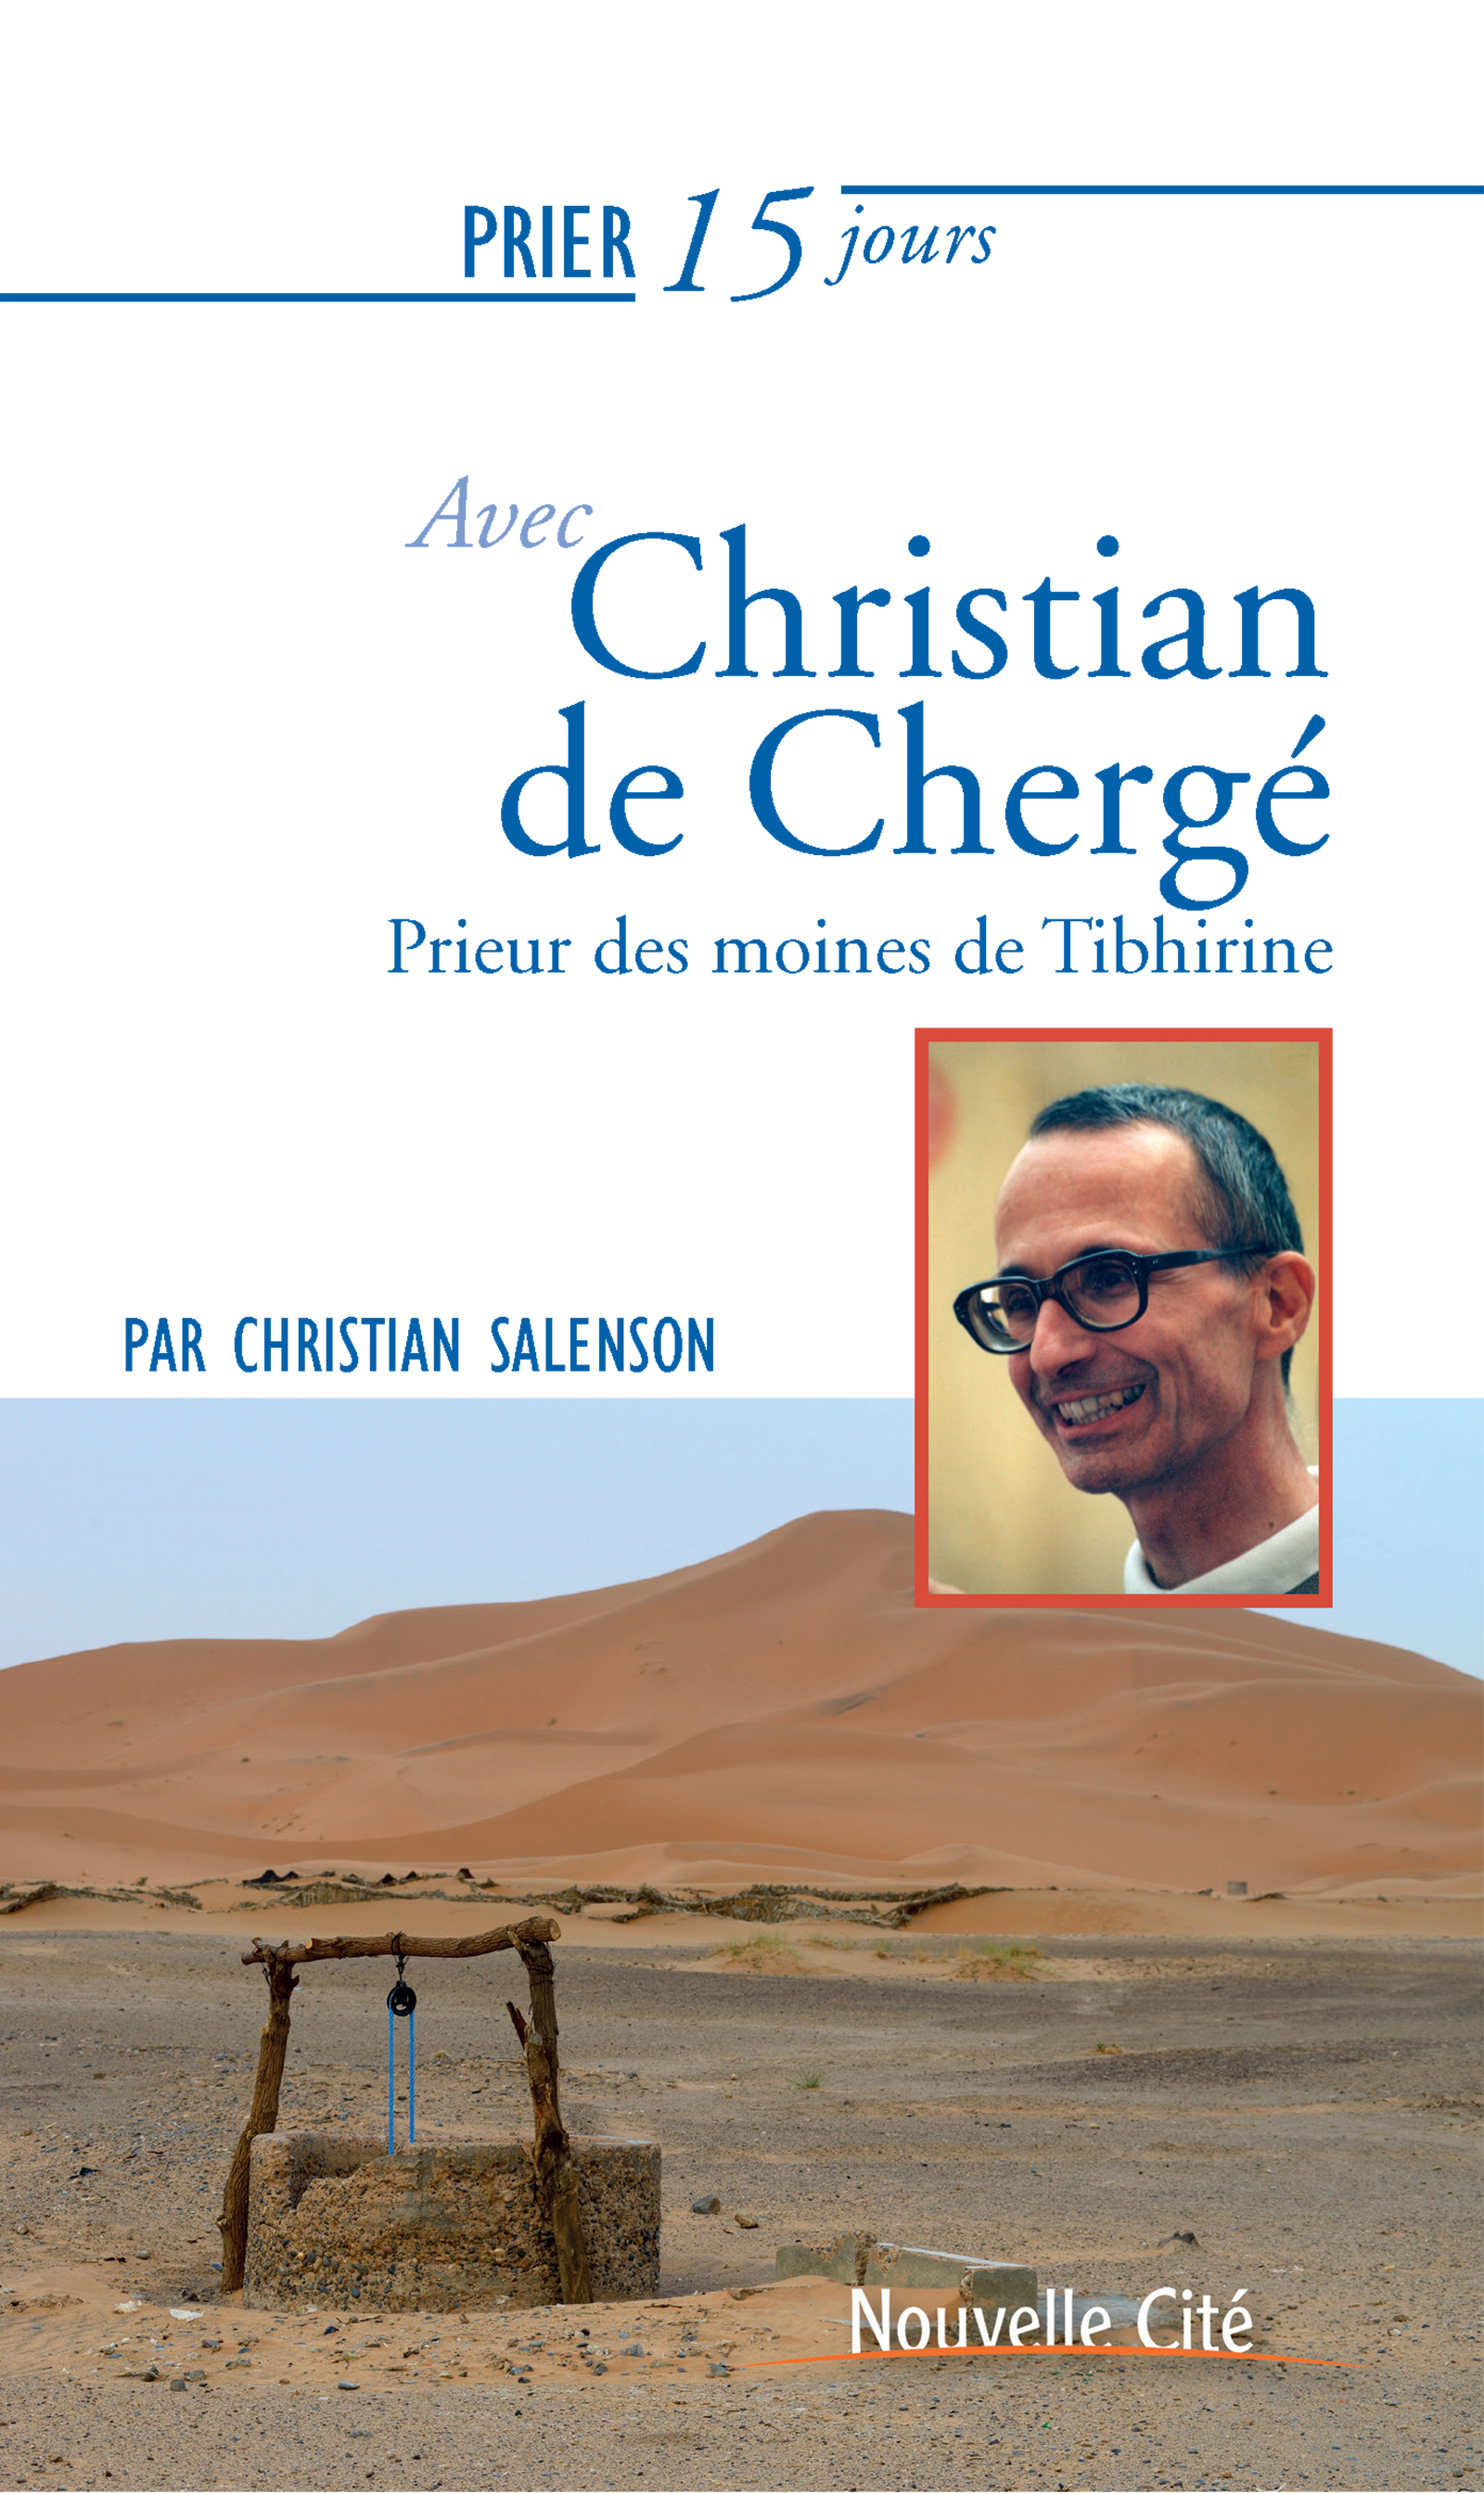 Prier 15 jours avec Christian de Chergé